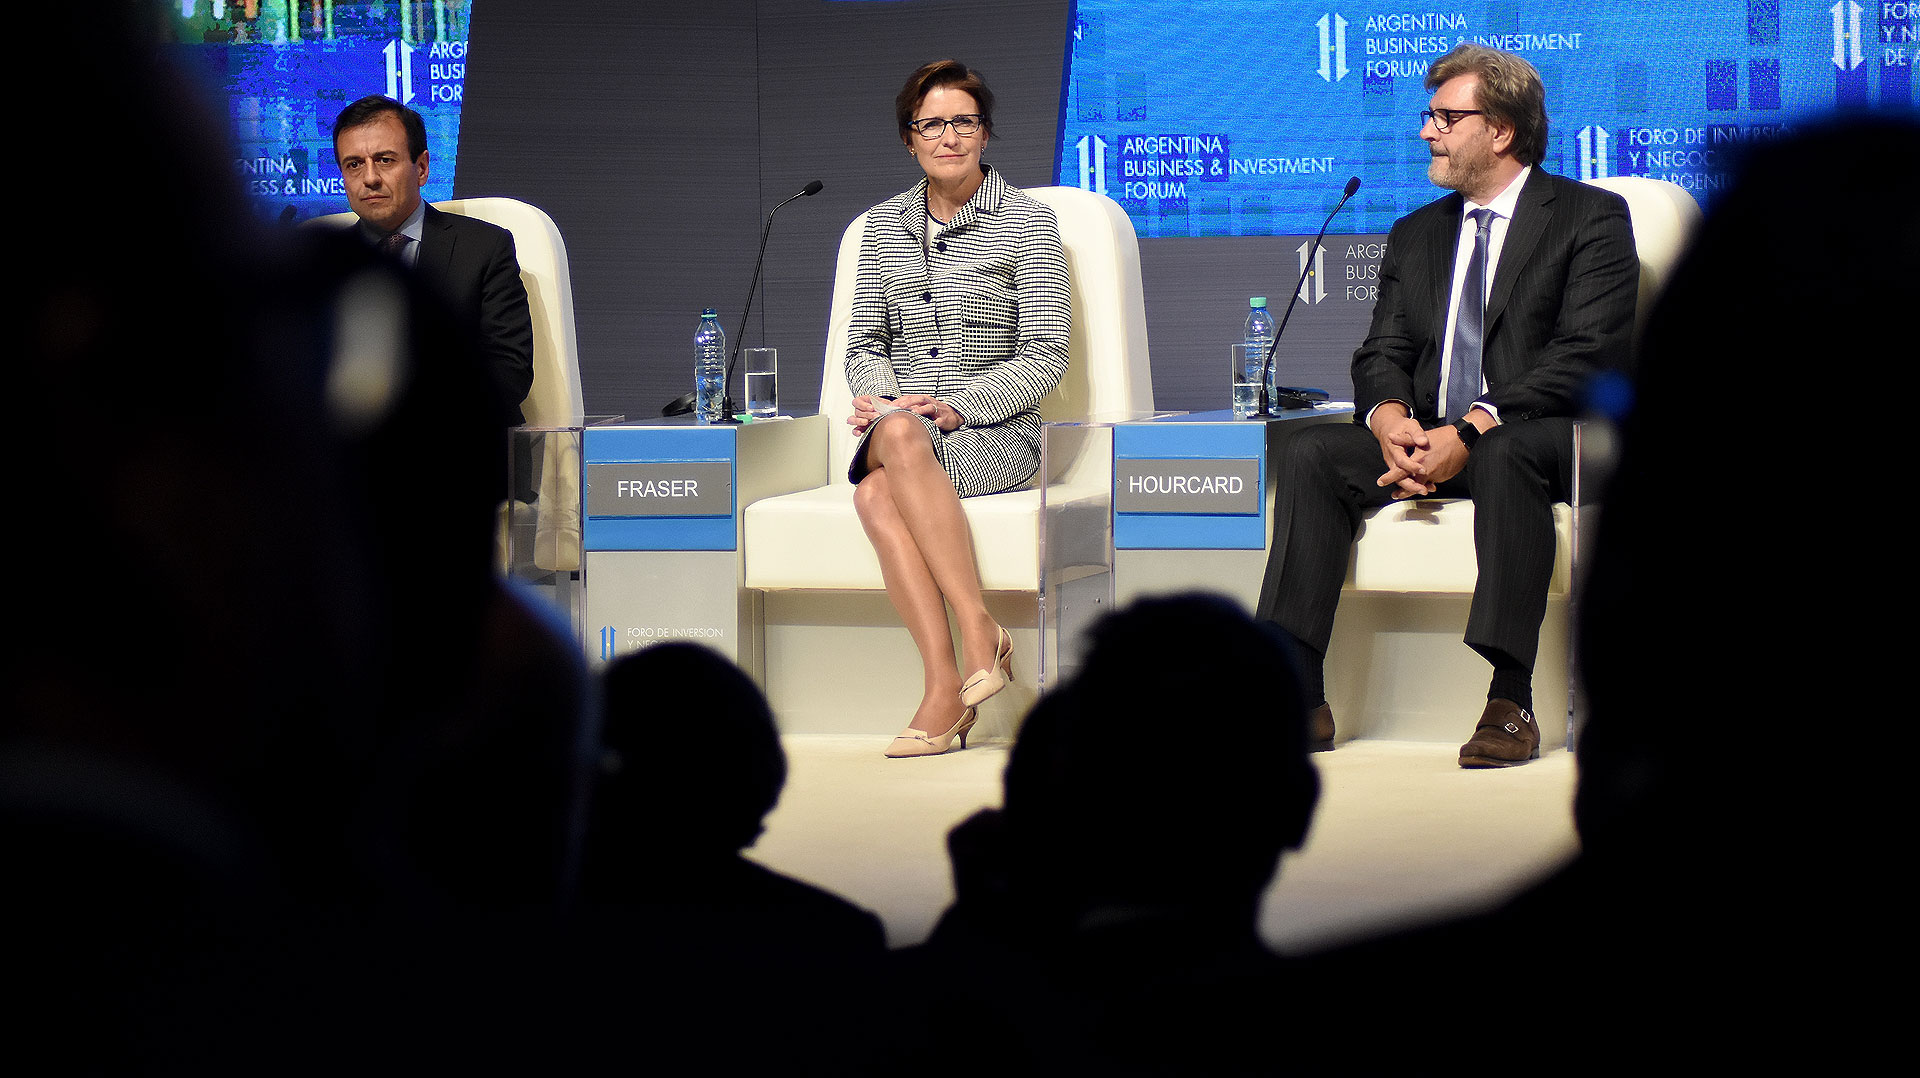 Mario Quintana junto a los empresarios Jane Fraser y Michel Hourcard